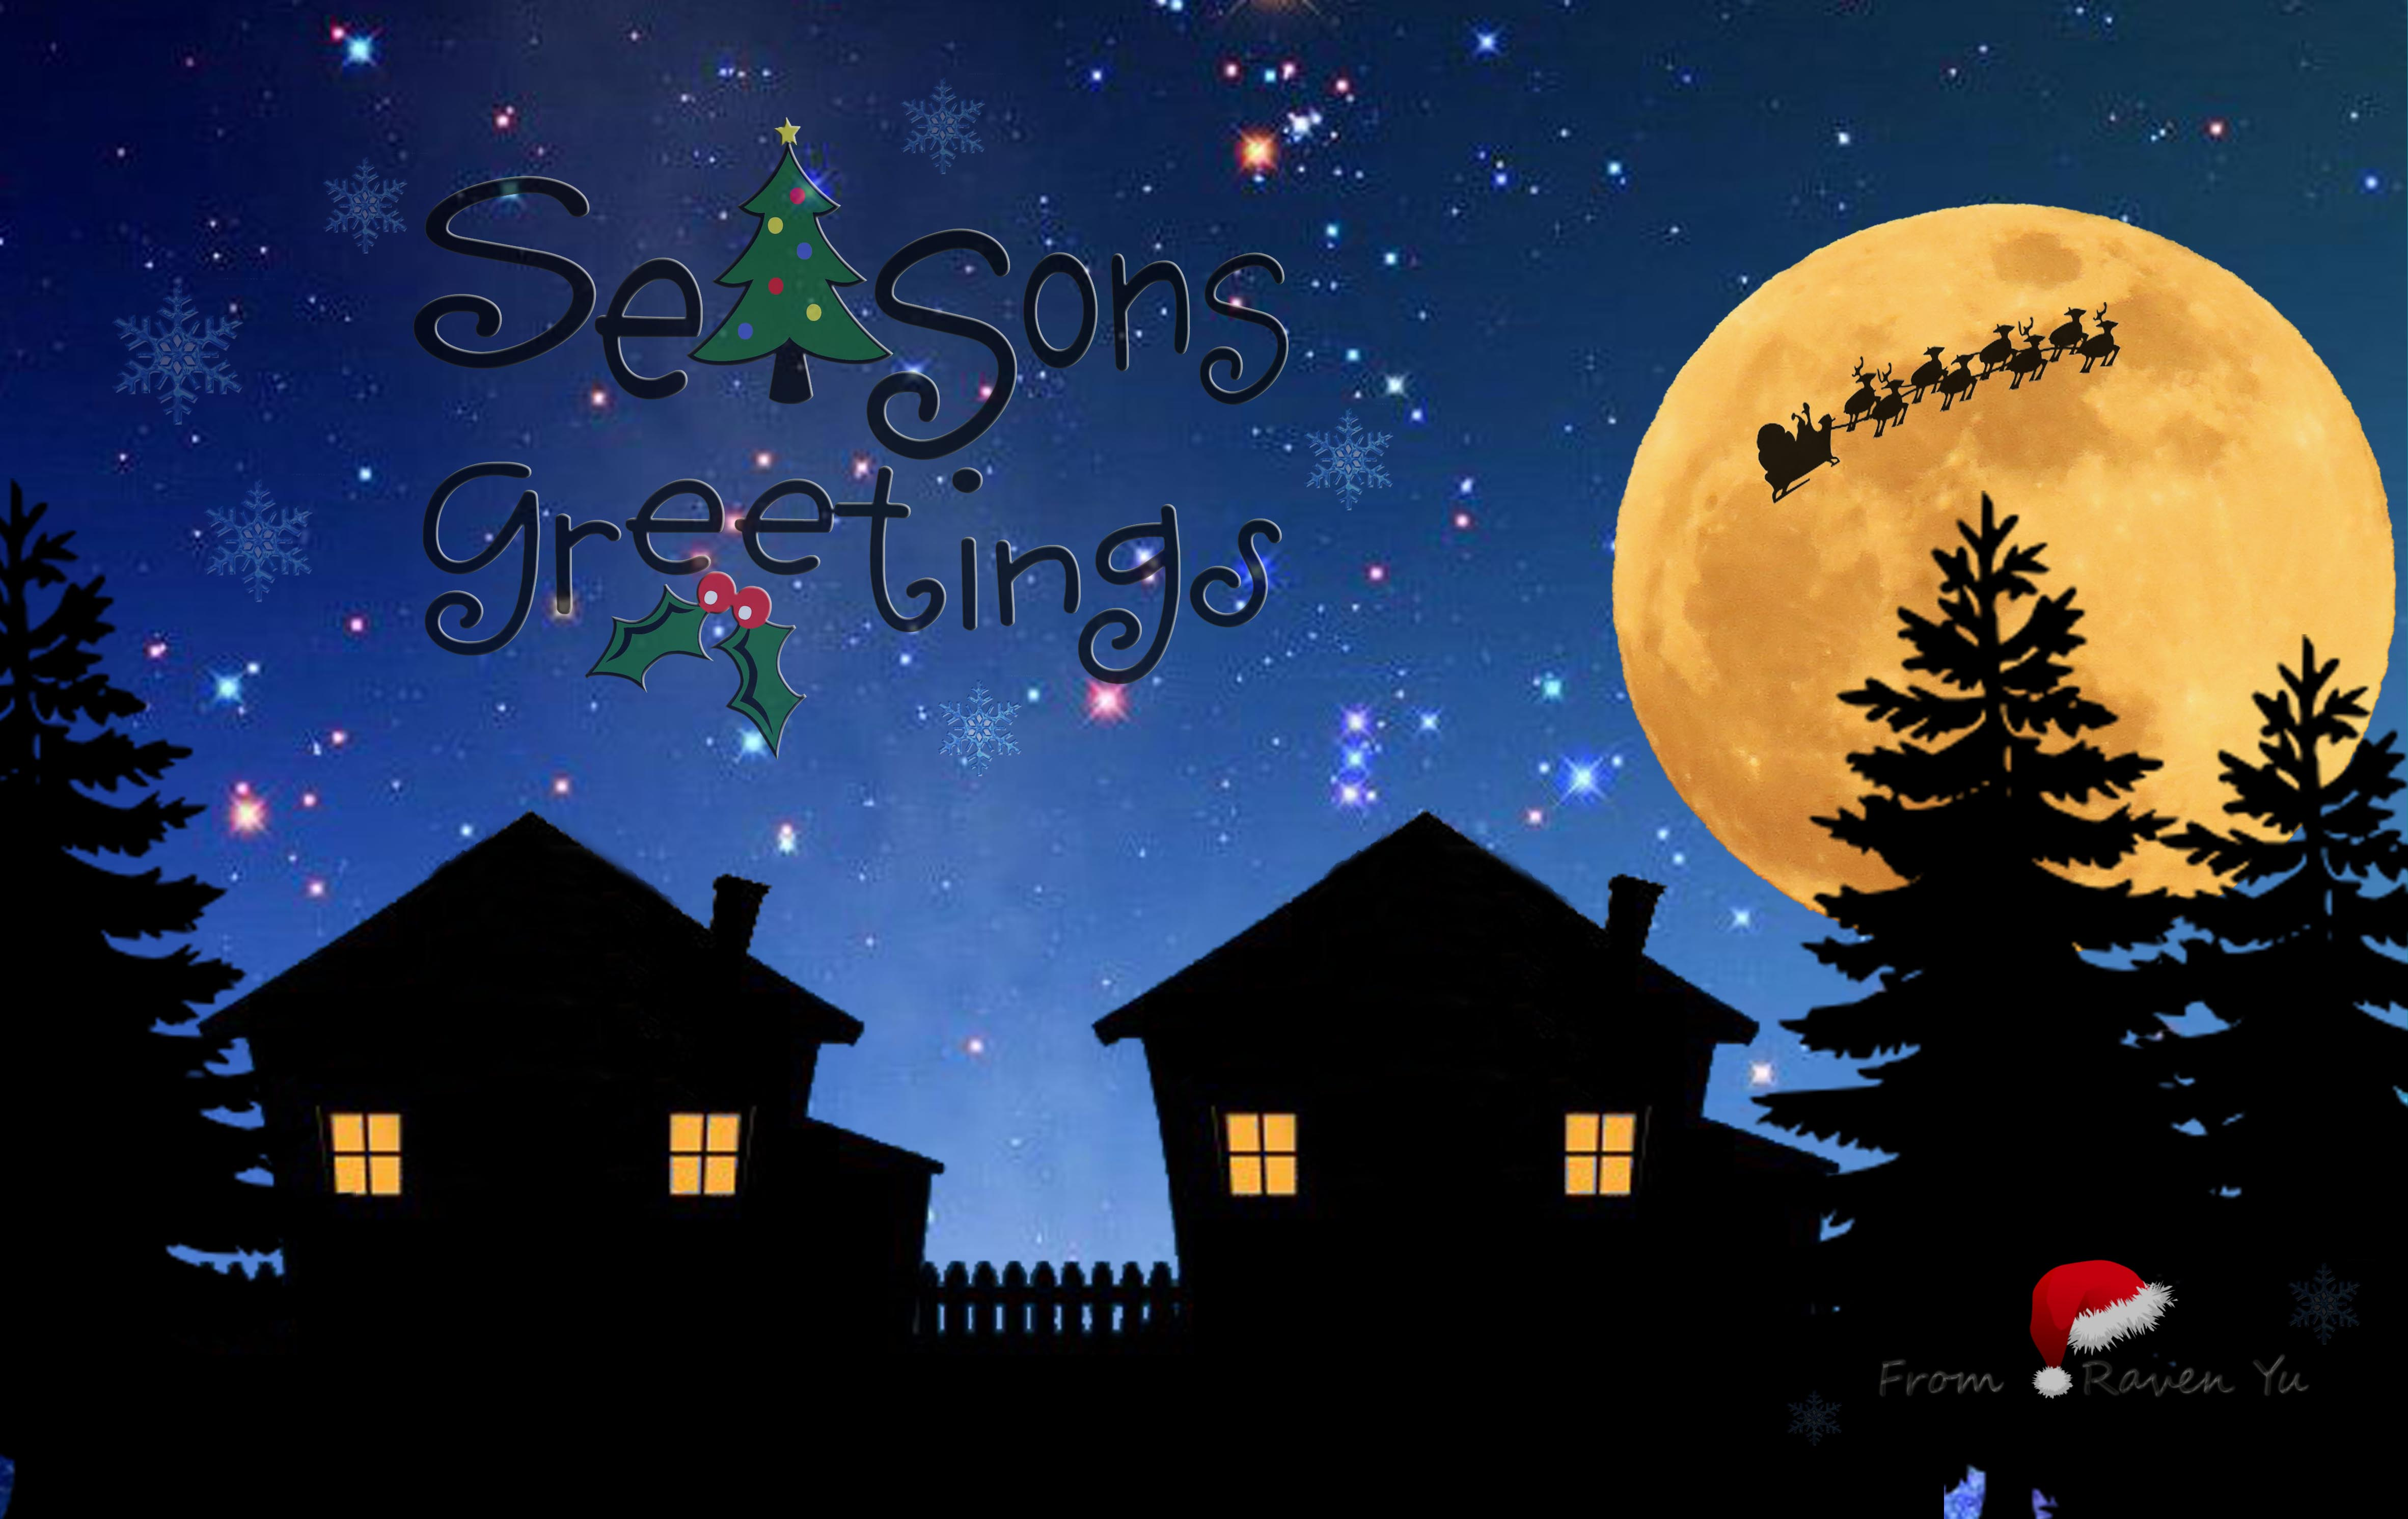 Seasons Greetings Seasons greetings